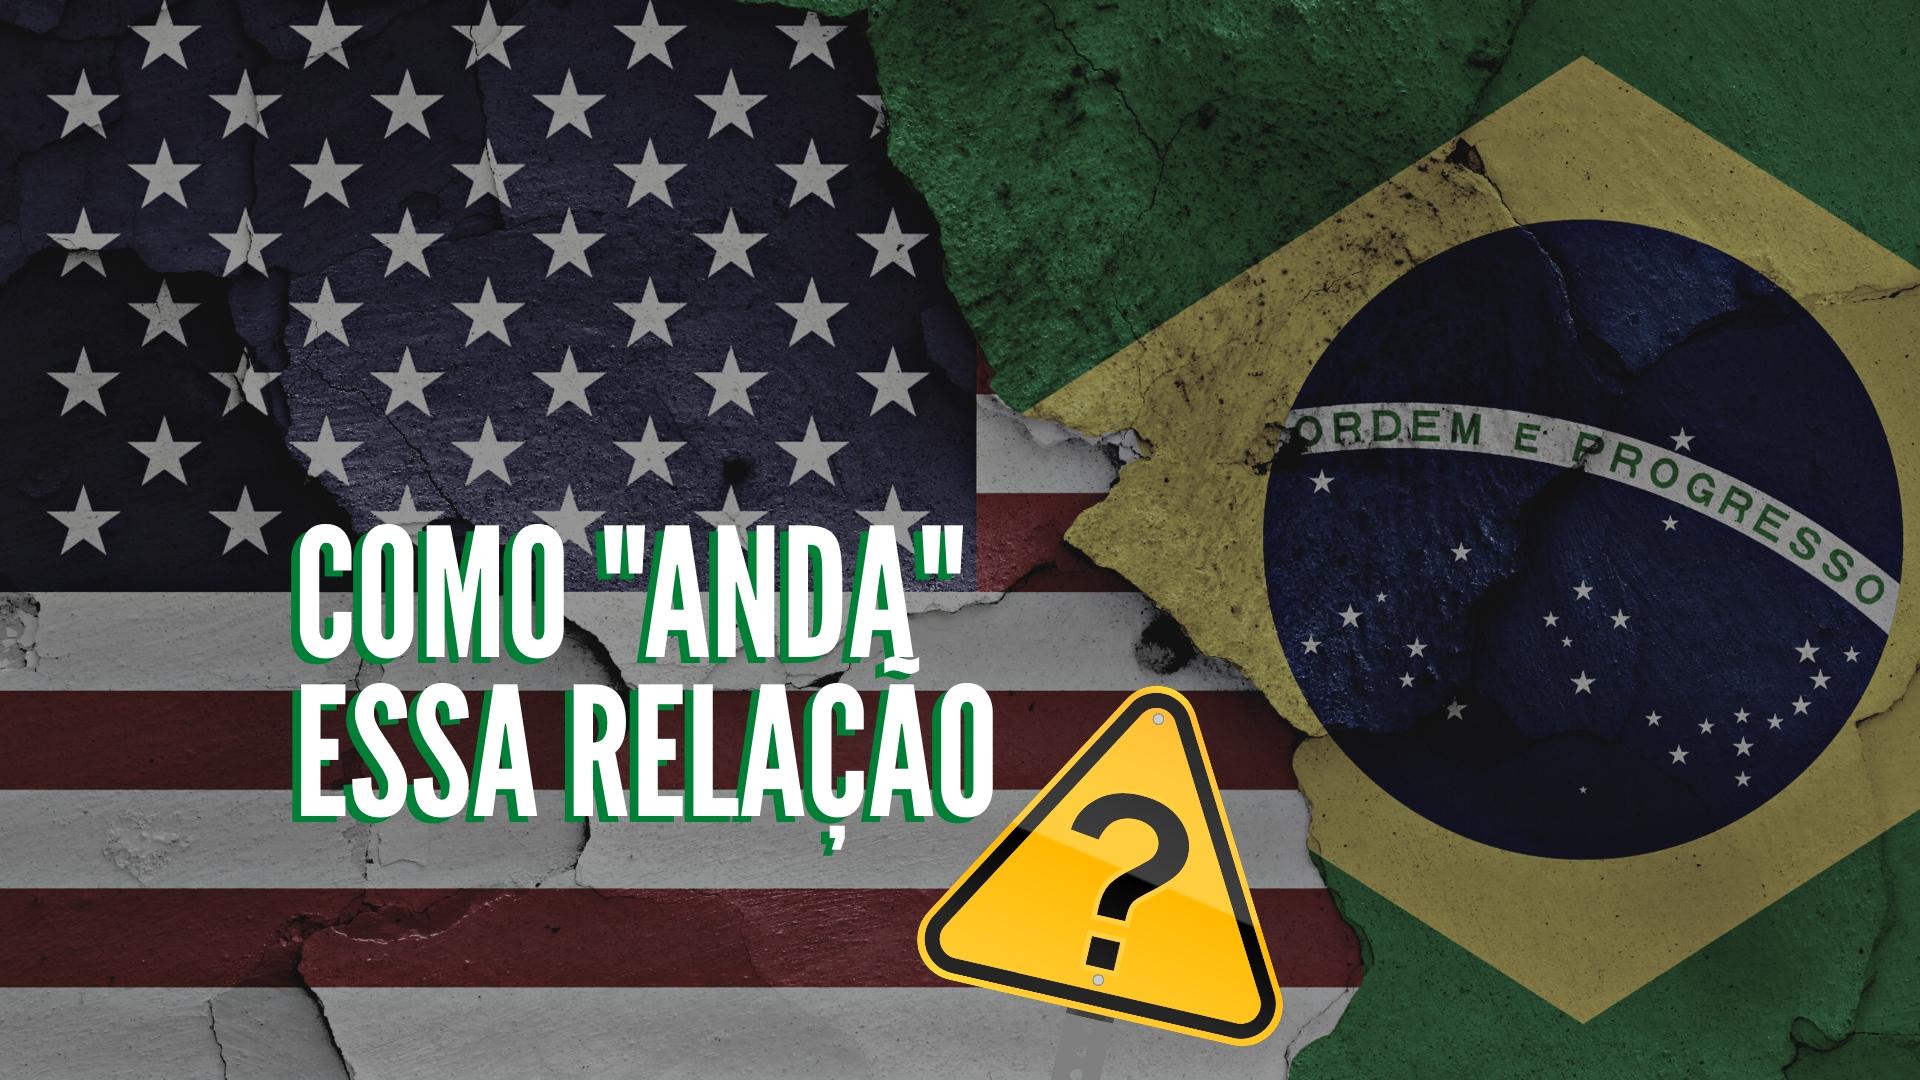 Eleições no EUA X Brasil e relações